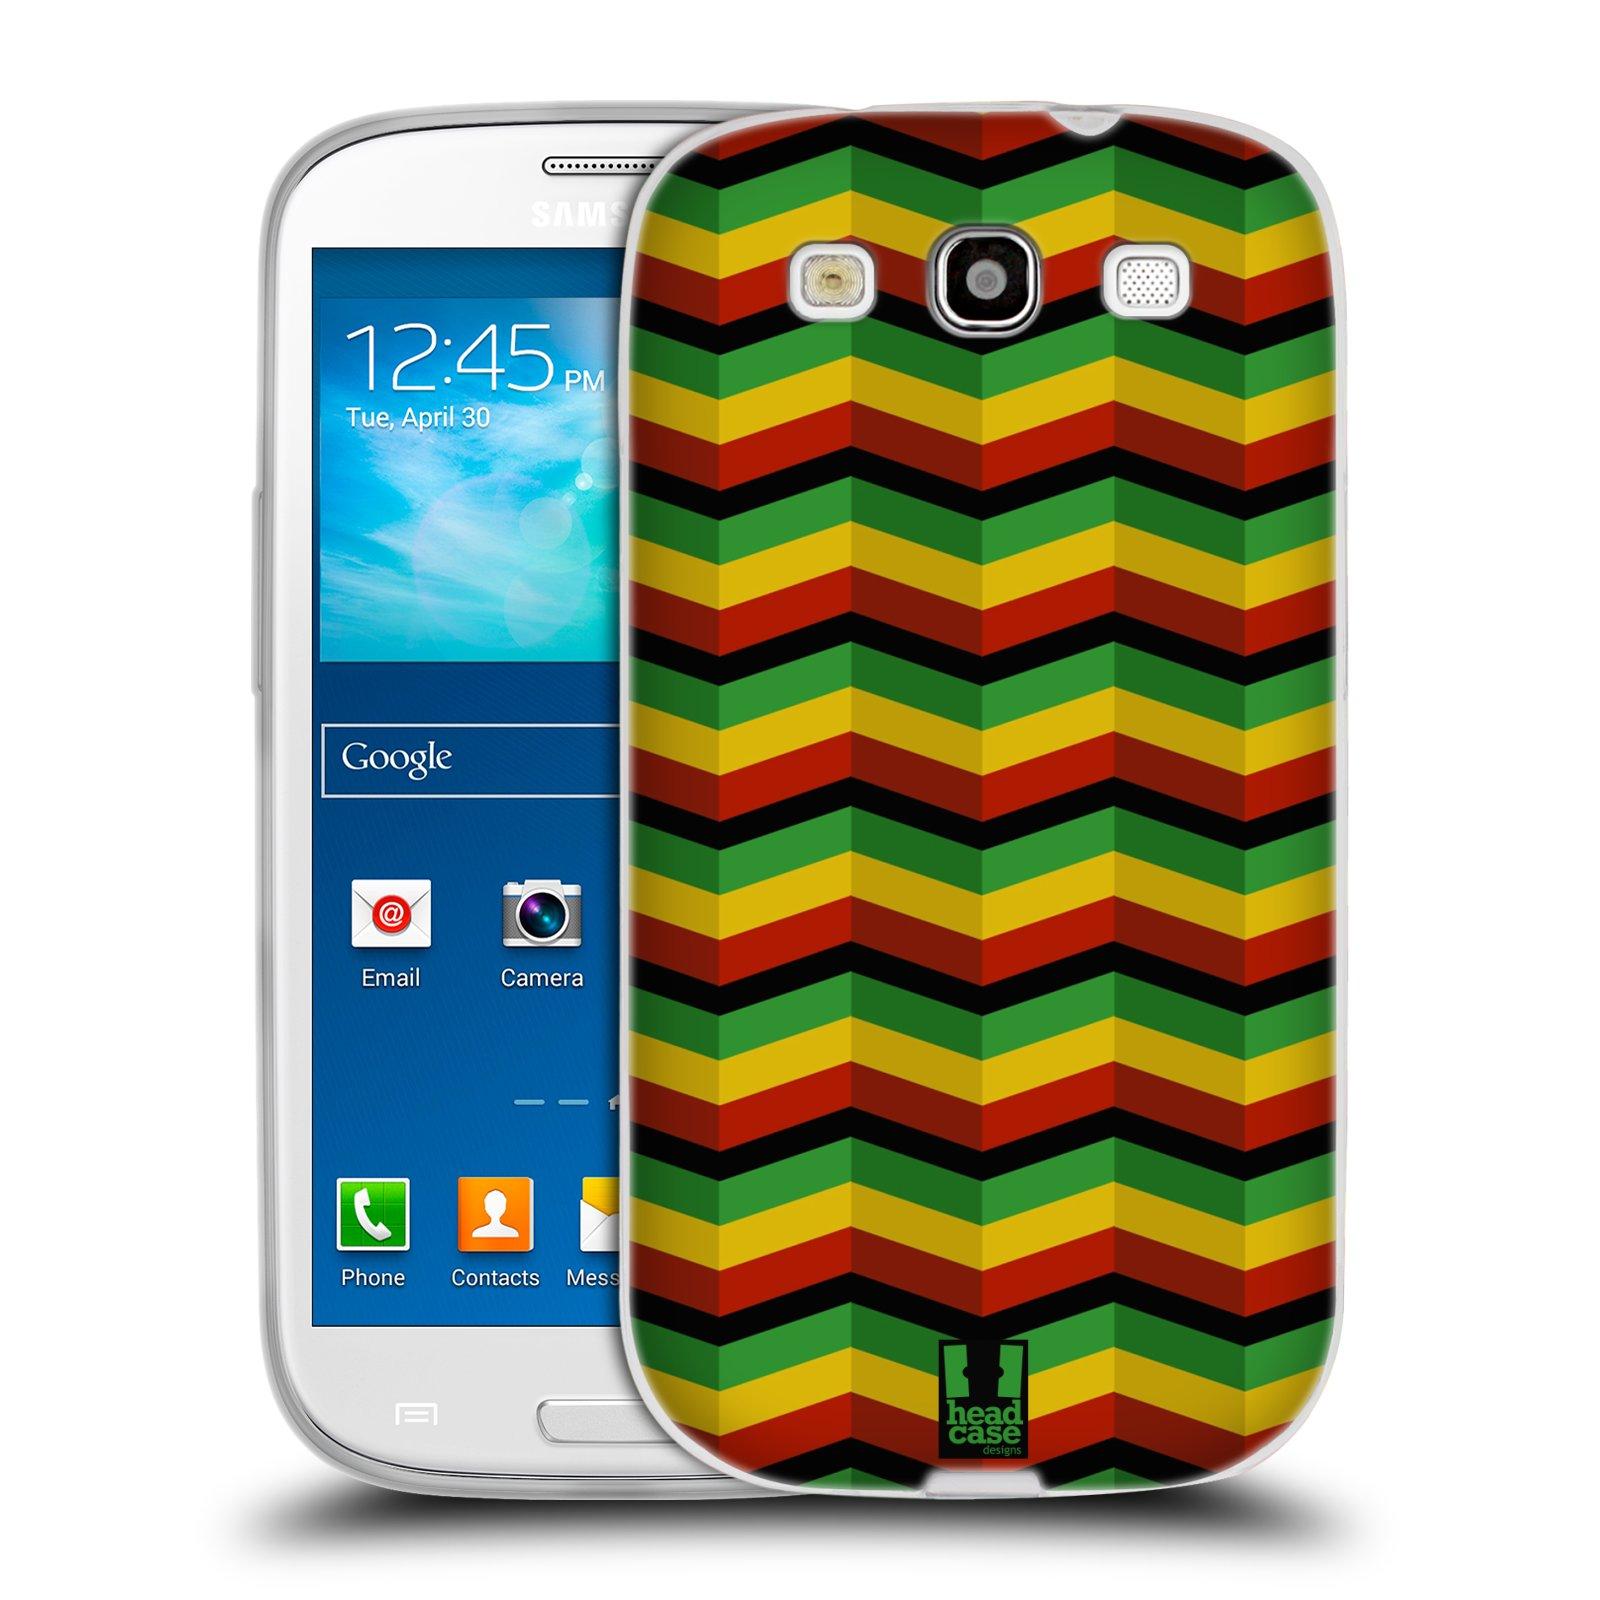 Silikonové pouzdro na mobil Samsung Galaxy S3 Neo HEAD CASE RASTA CHEVRON (Silikonový kryt či obal na mobilní telefon Samsung Galaxy S3 Neo GT-i9301i)